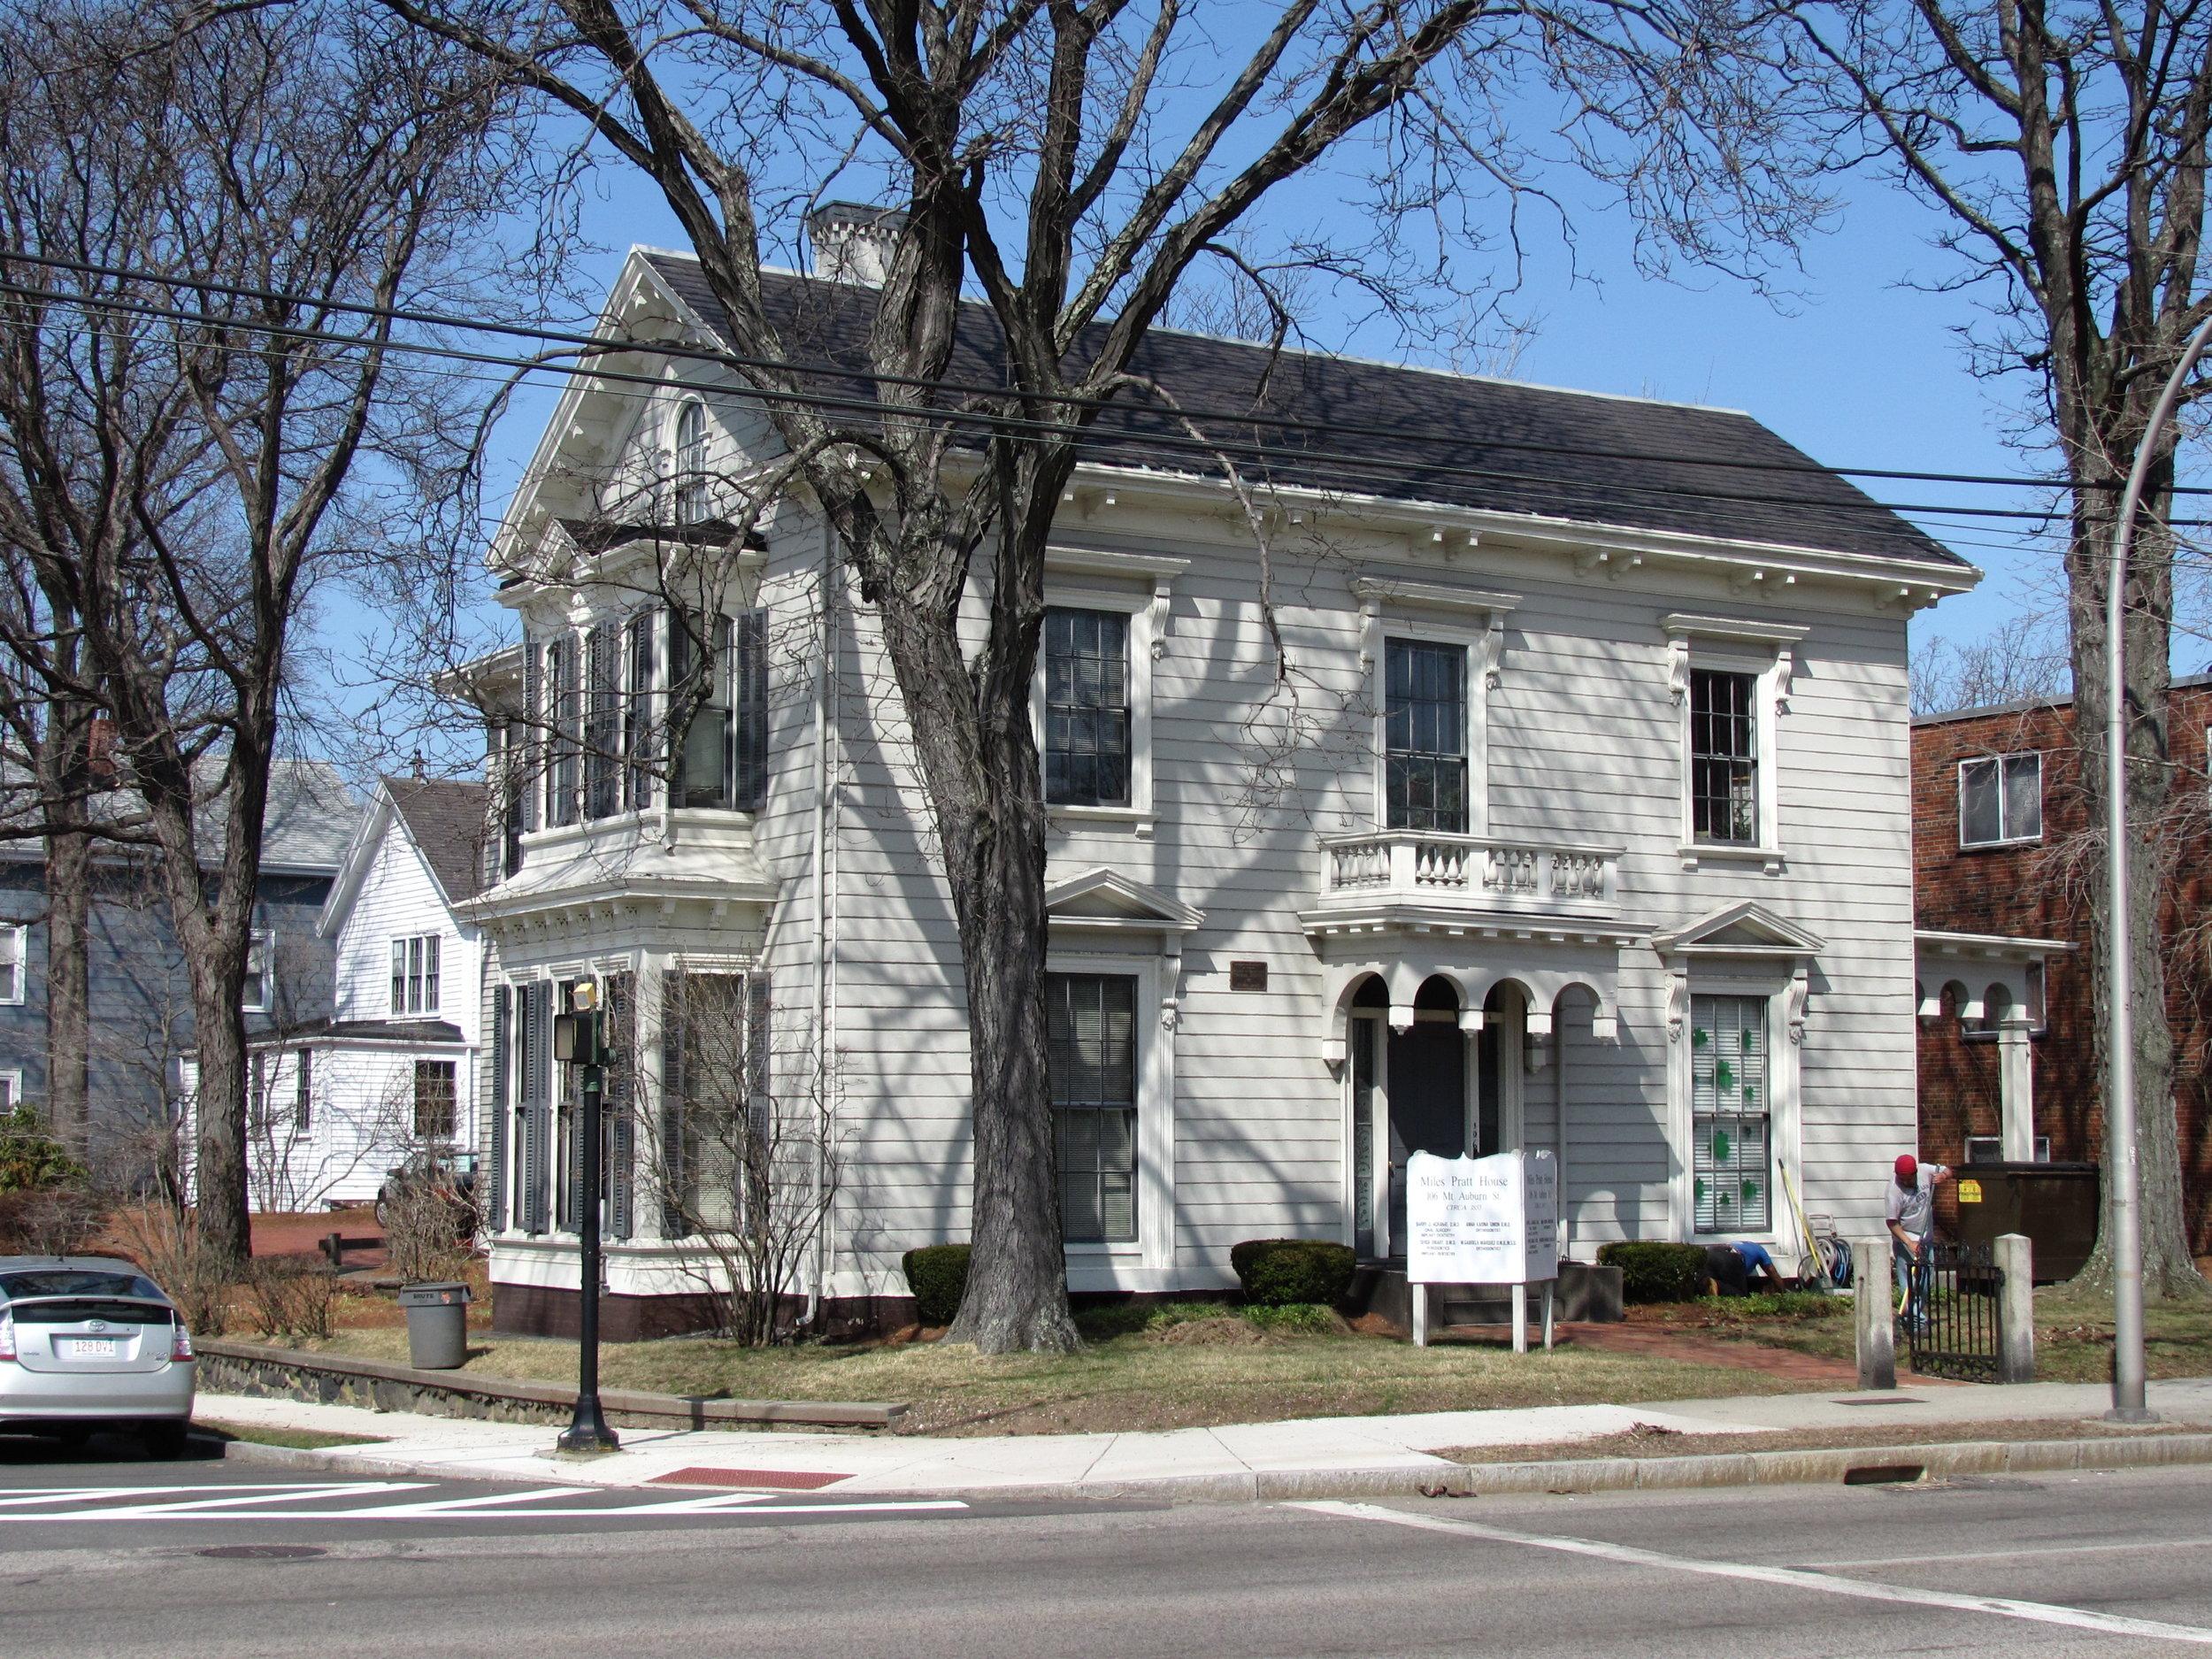 Miles Pratt House on Mount Auburn Street in Watertown